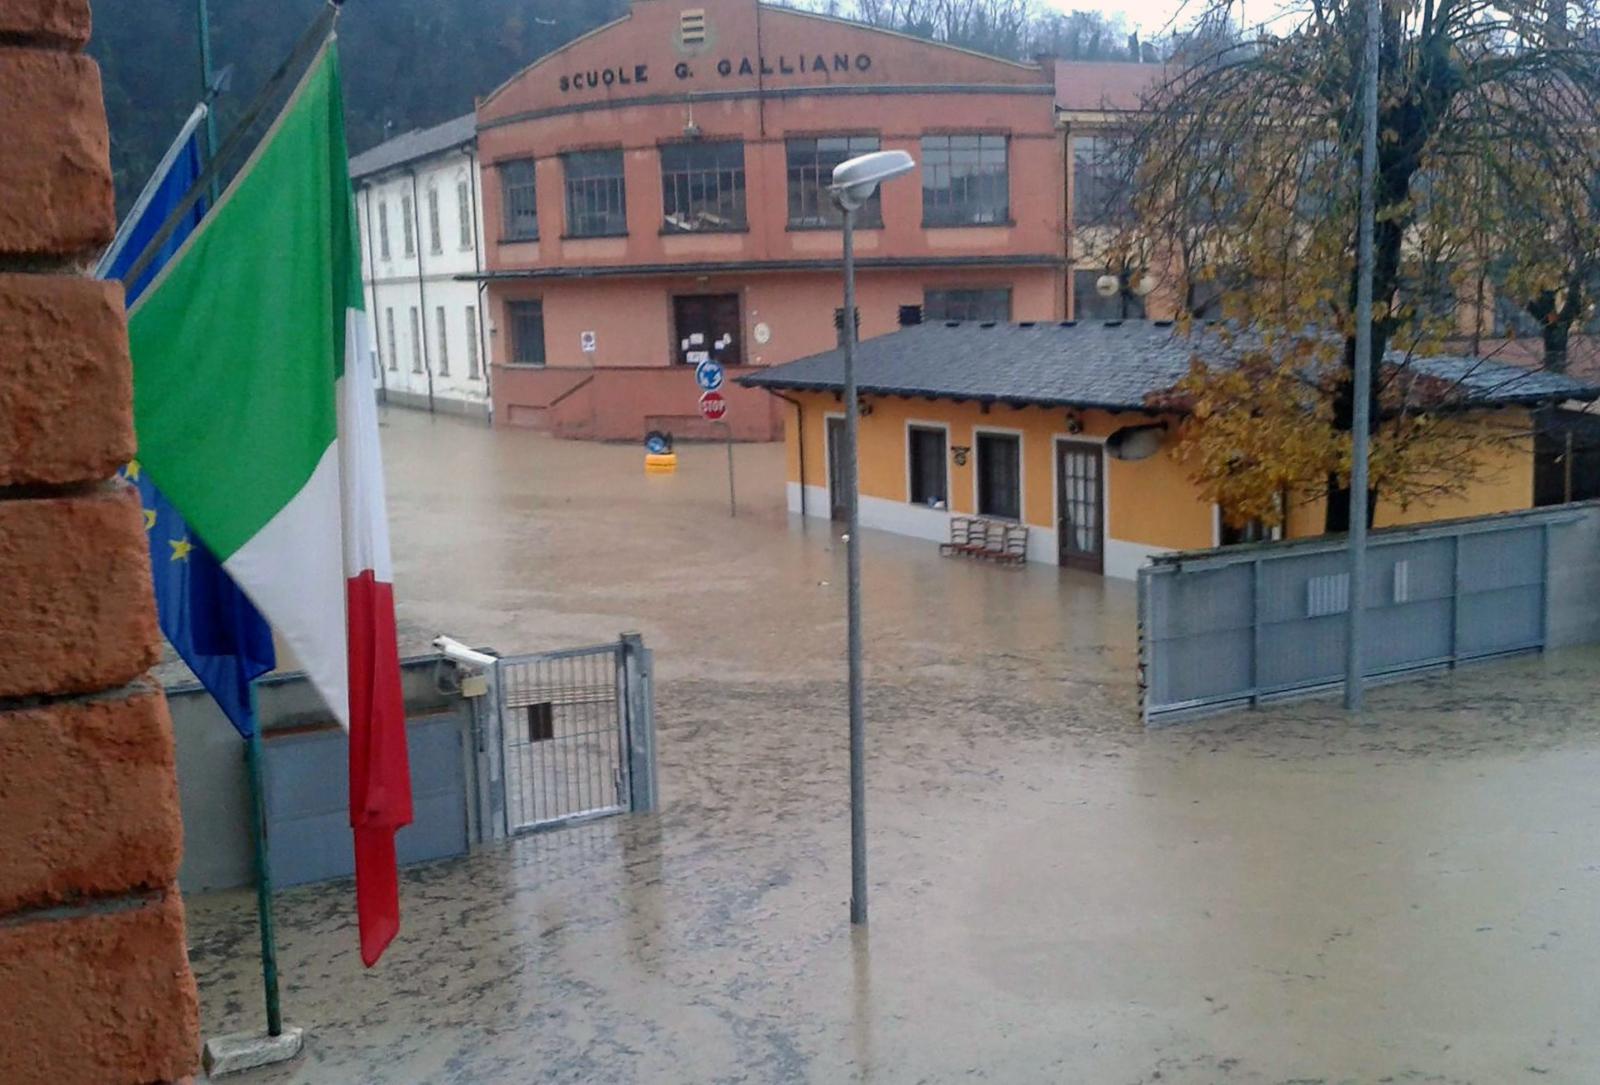 Powodzie we Włoszech.  Fot. PAP/EPA/ALESSANDRO DI MARCO